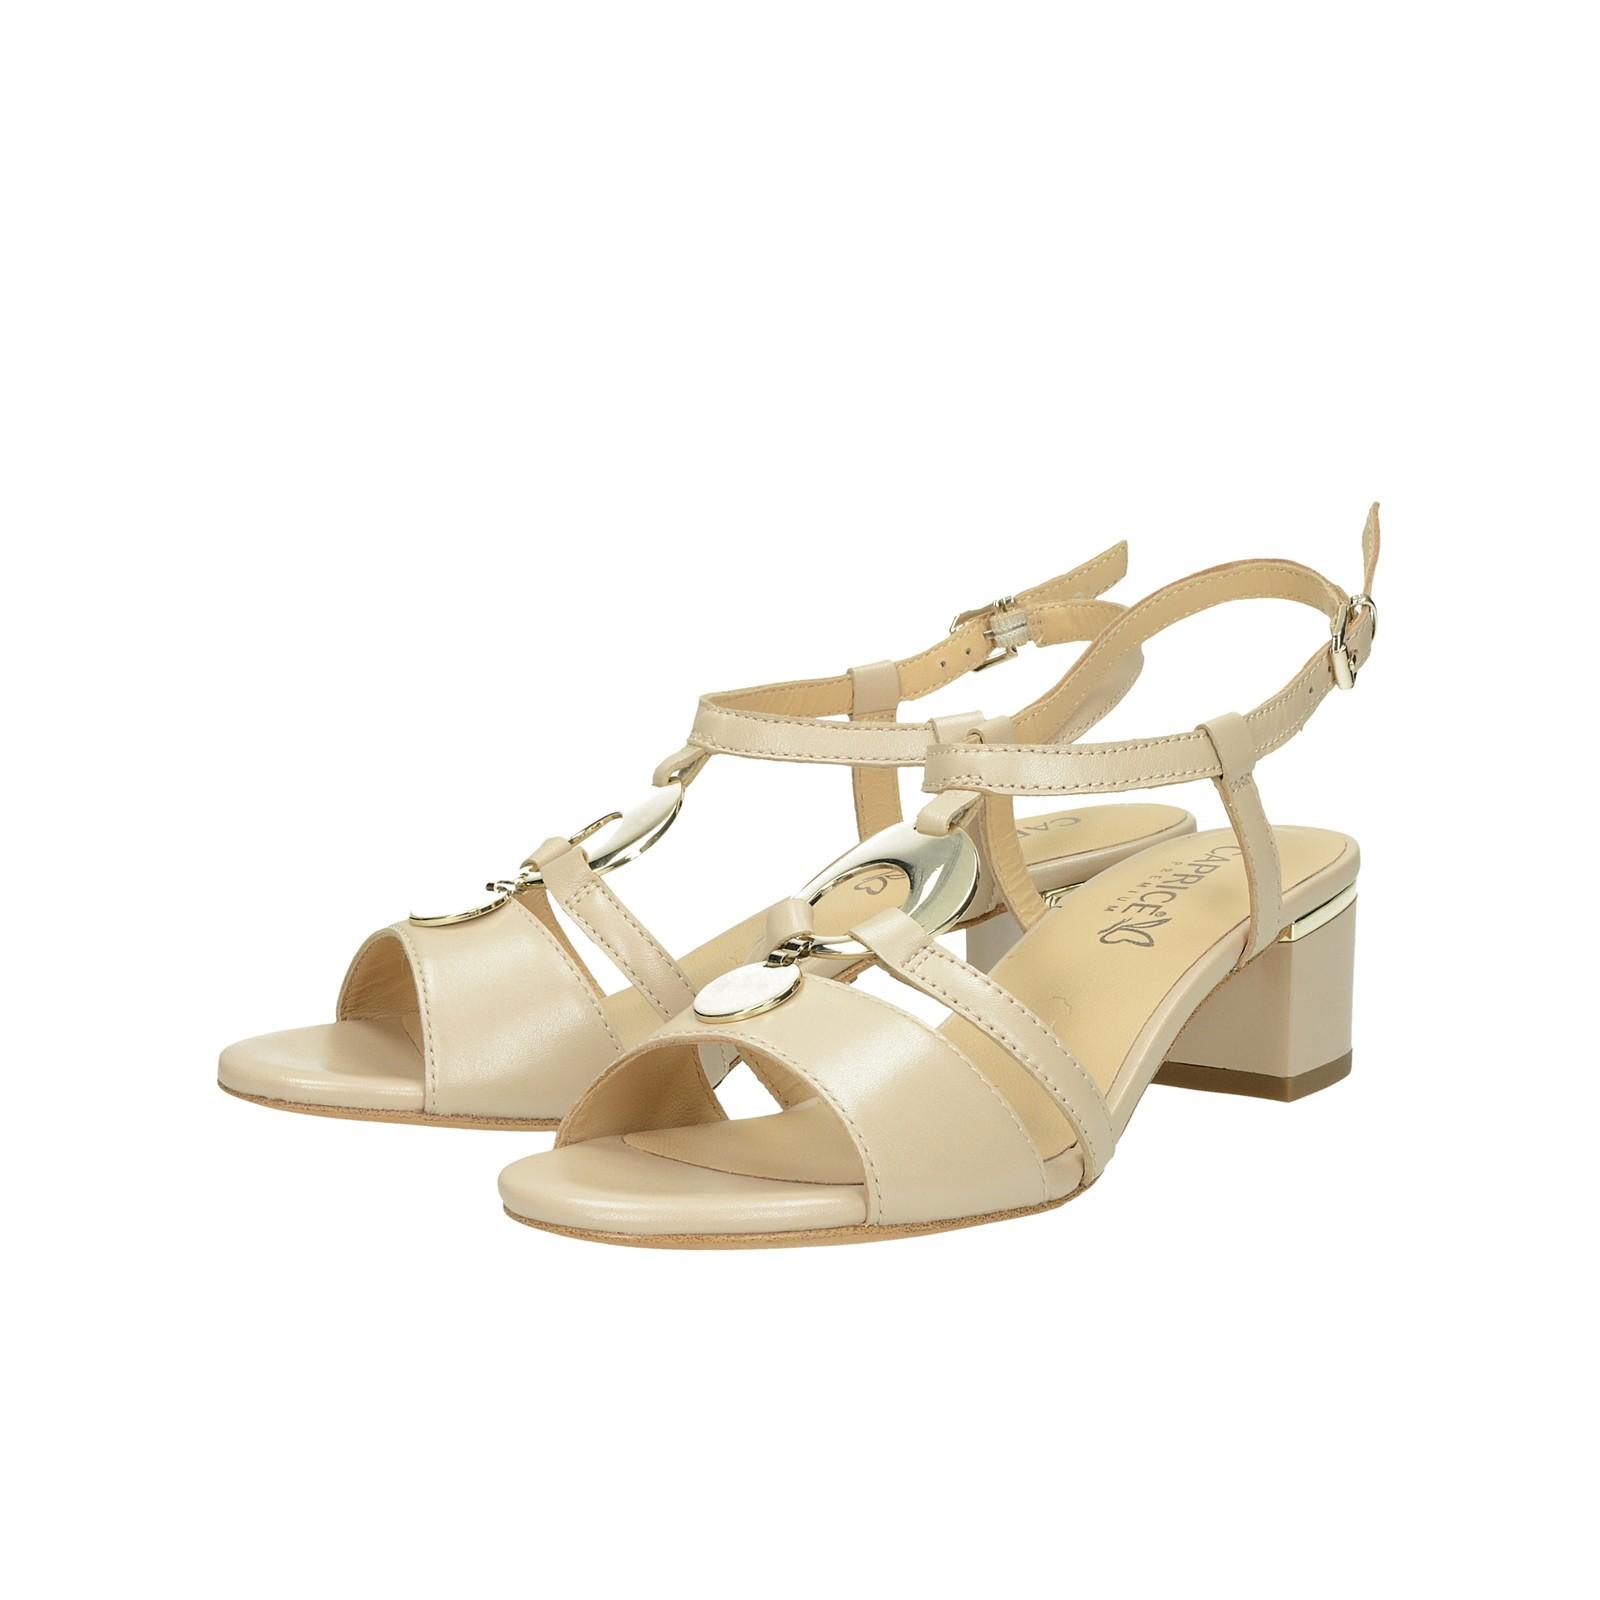 c43547281 Caprice dámske kožené štýlové sandále - béžové   2821122-BEI www ...